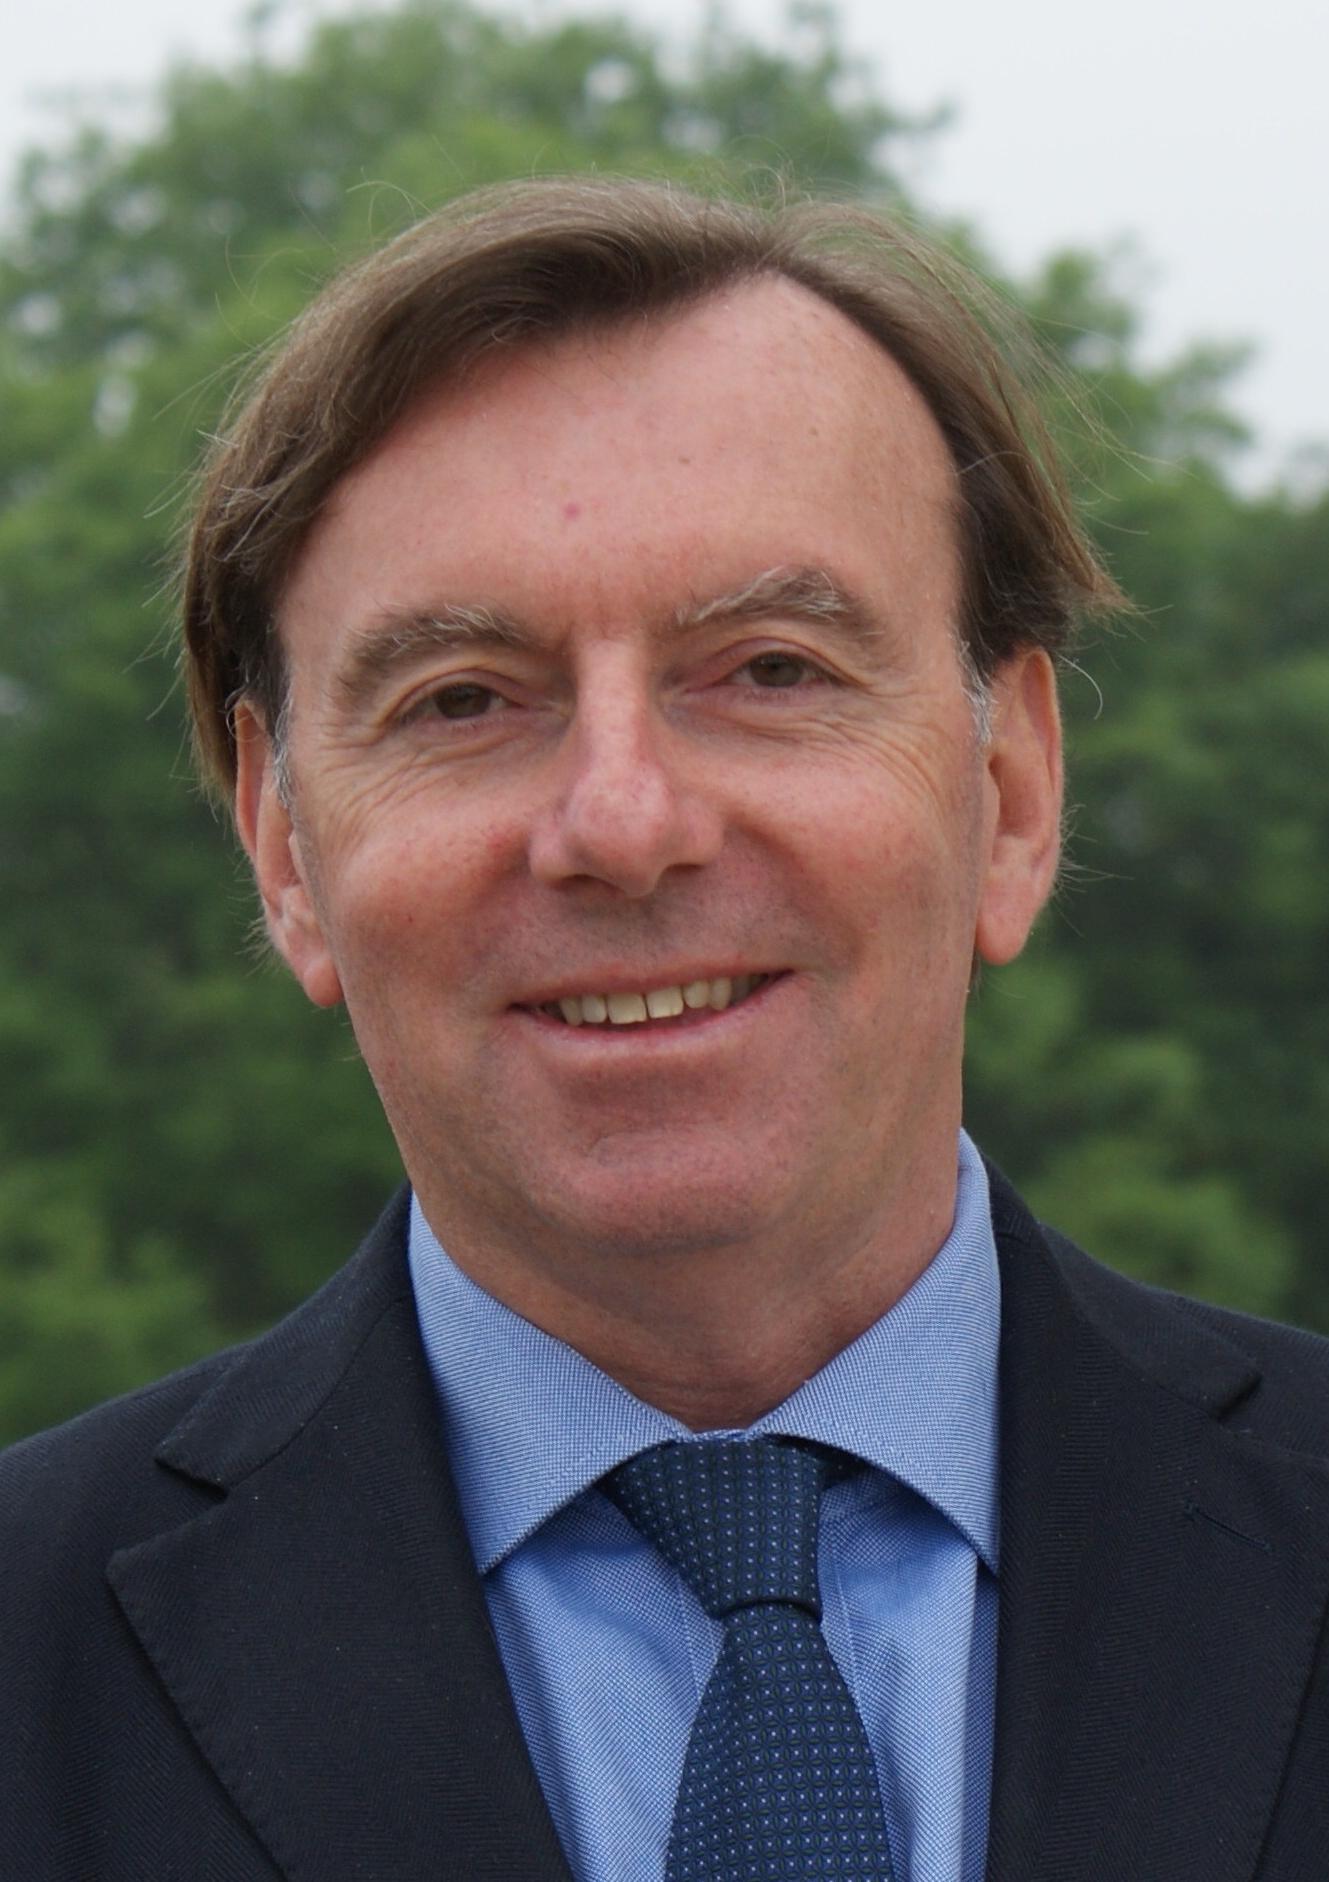 Patrick lequint pr sident de la chambre de commerce franco belge la gazette nord pas de calais - Chambre de commerce franco belge ...